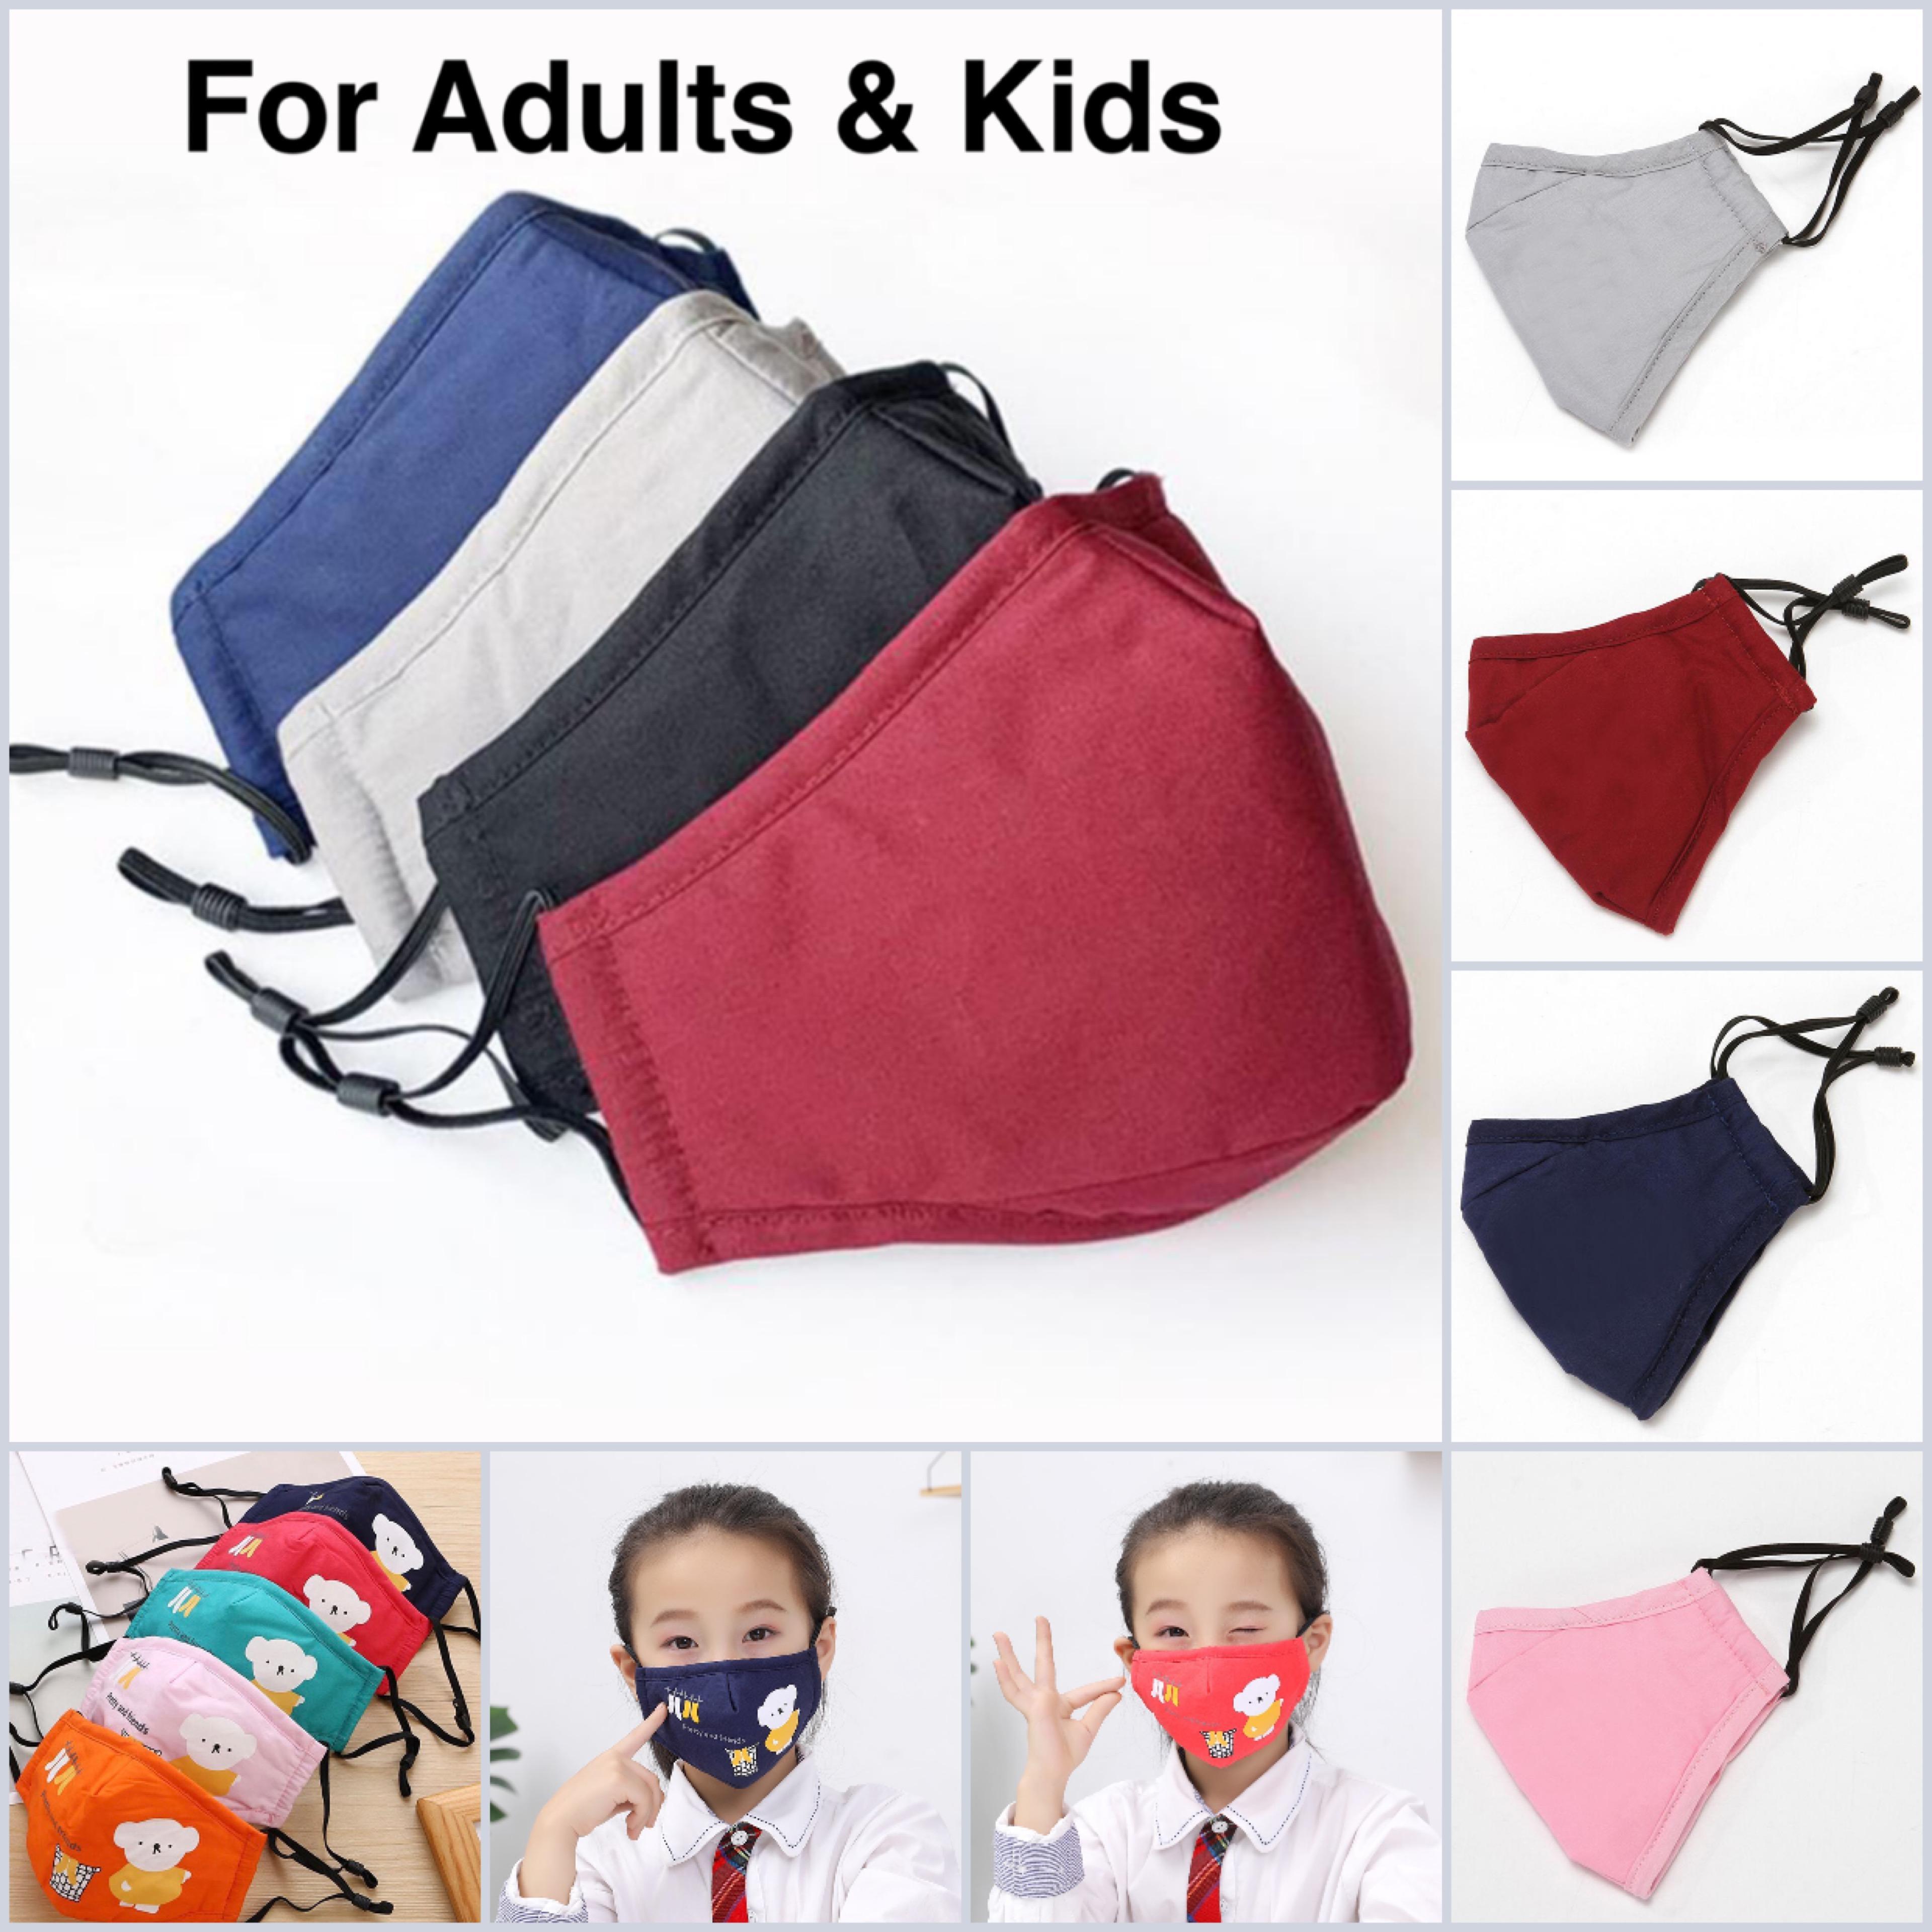 DHL enfants / adultes cyclisme lavable protection anti-poussière anti-poussière de coton masque unisexe pour hommes femmes cyclisme masque de dessin animé